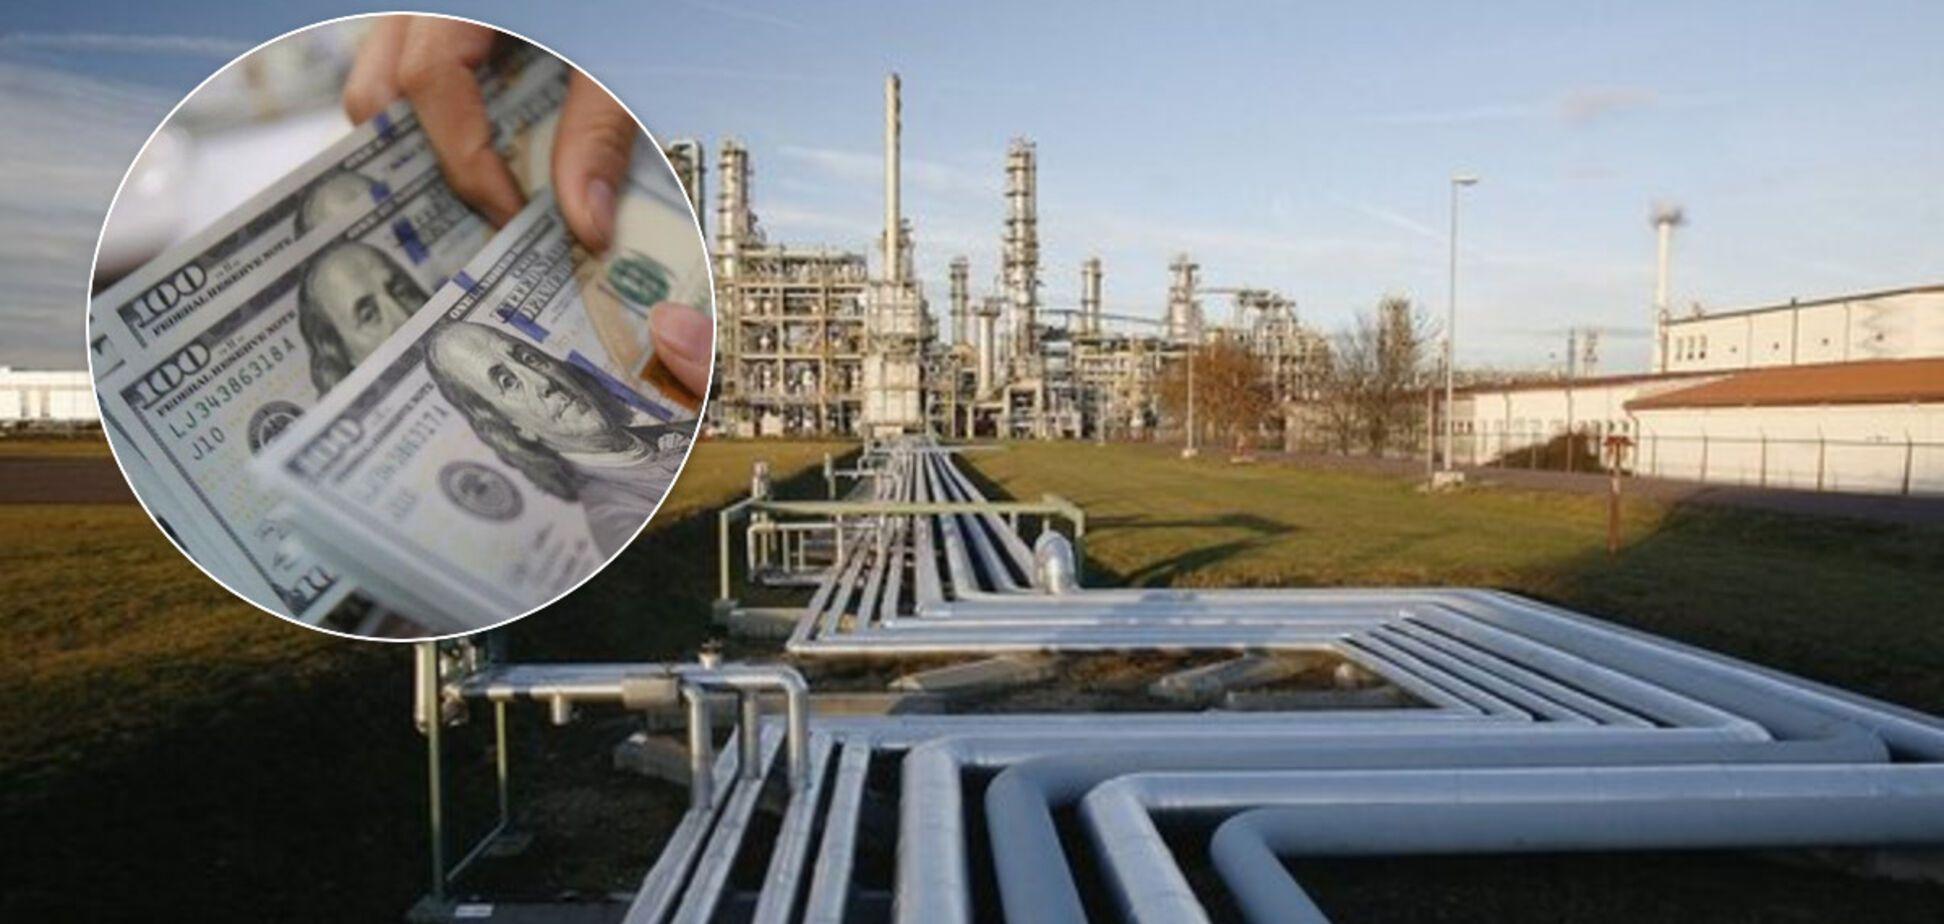 Україна не зможе заробити на зберіганні нафти: 'Укртранснафта' розбила плани Вітренка